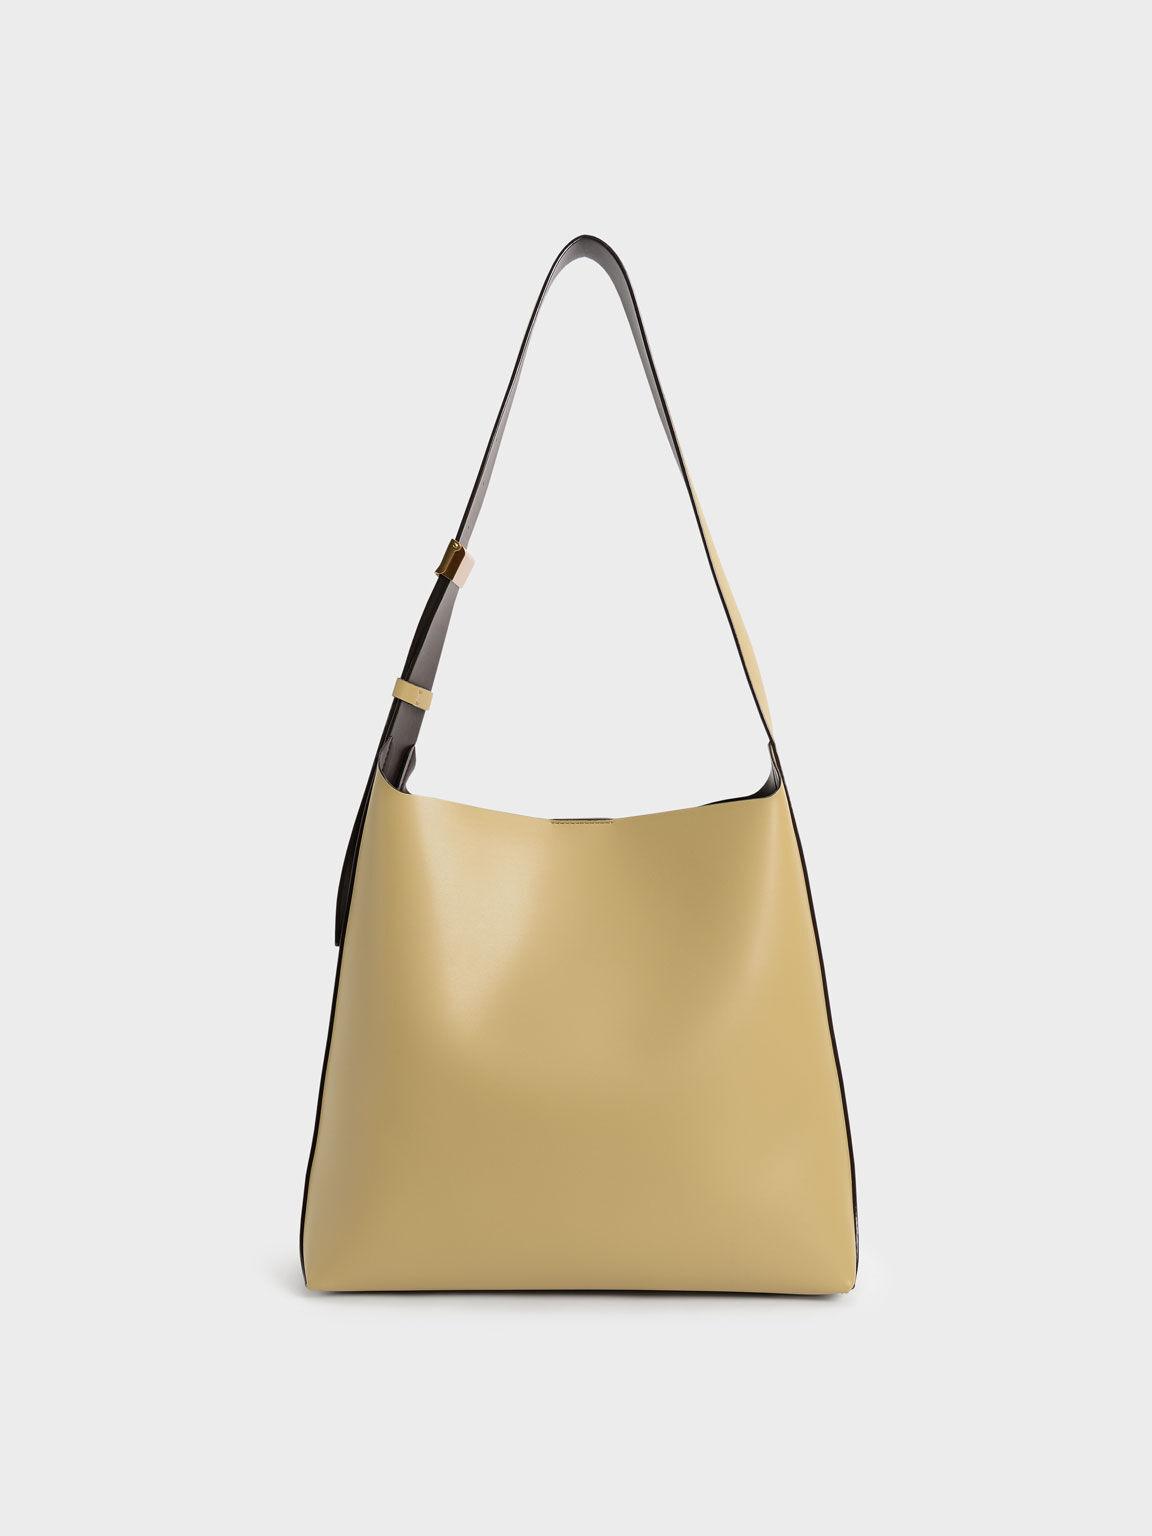 Single Handle Large Hobo Bag, Sand, hi-res